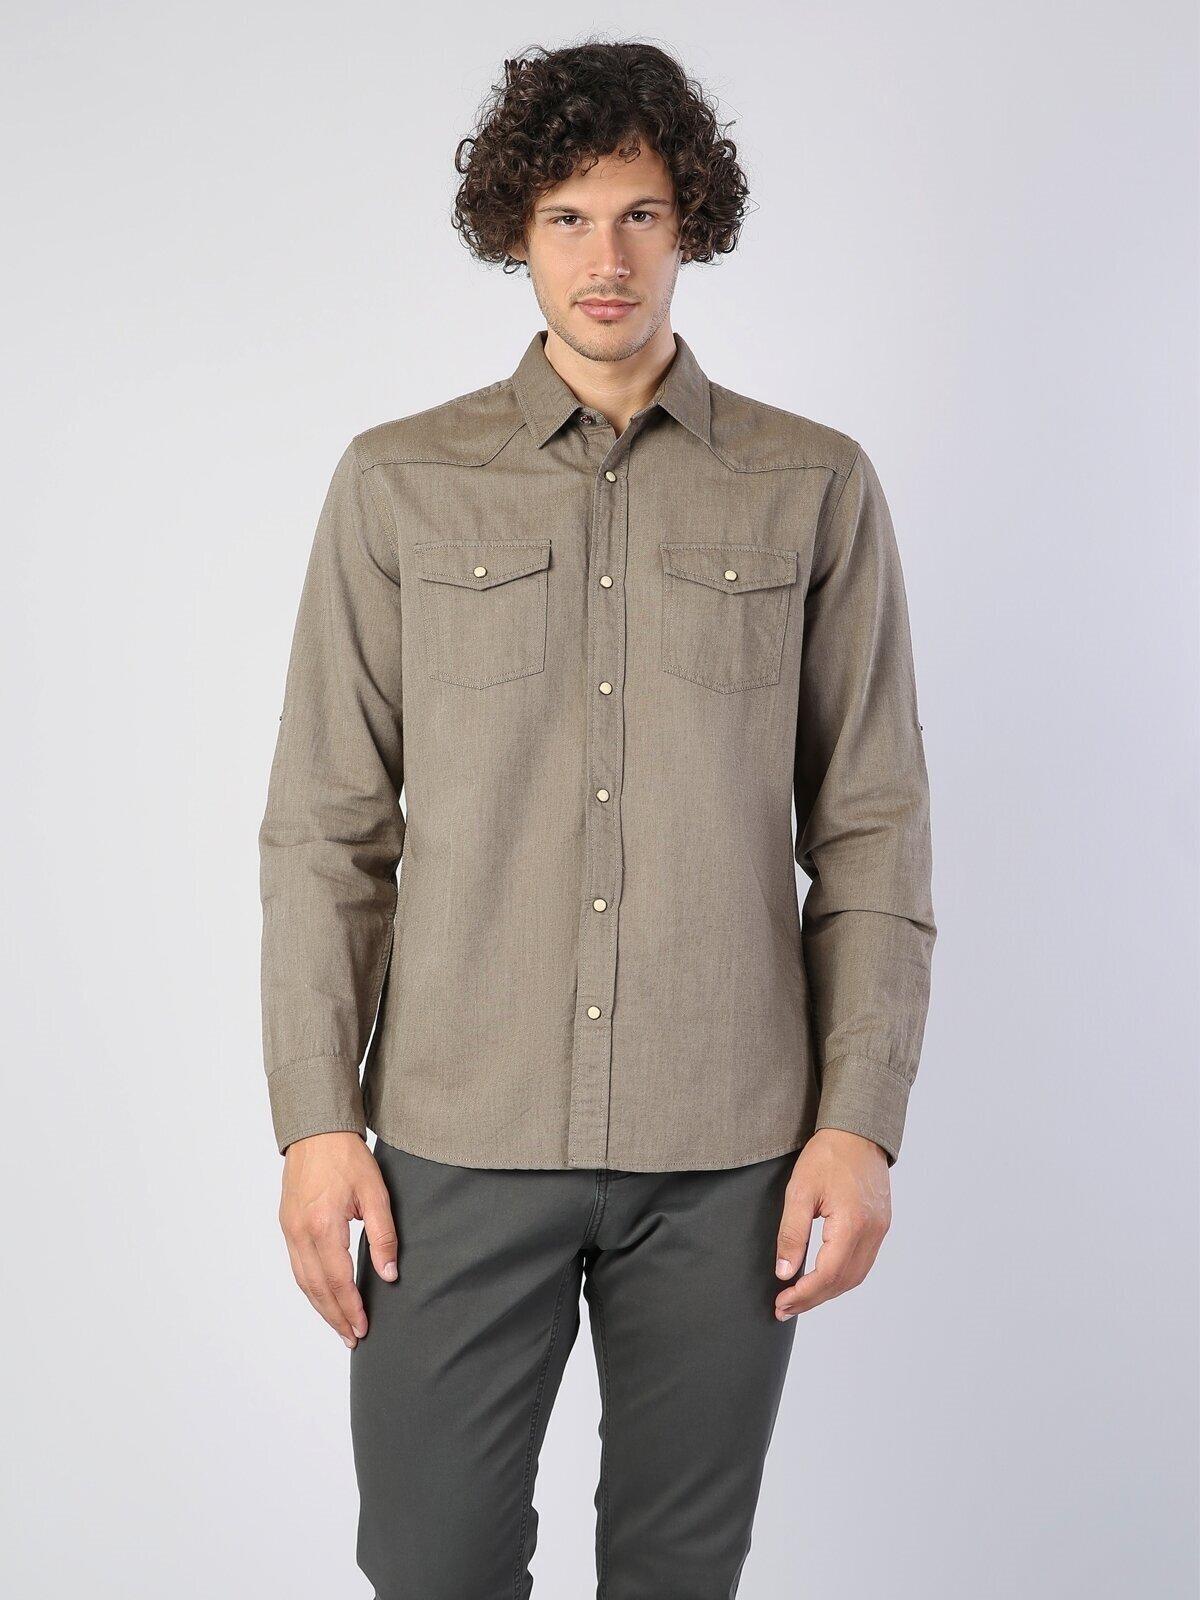 Kol Katlamalı Klasik Yaka Lacivert Uzun Kol Gömlek